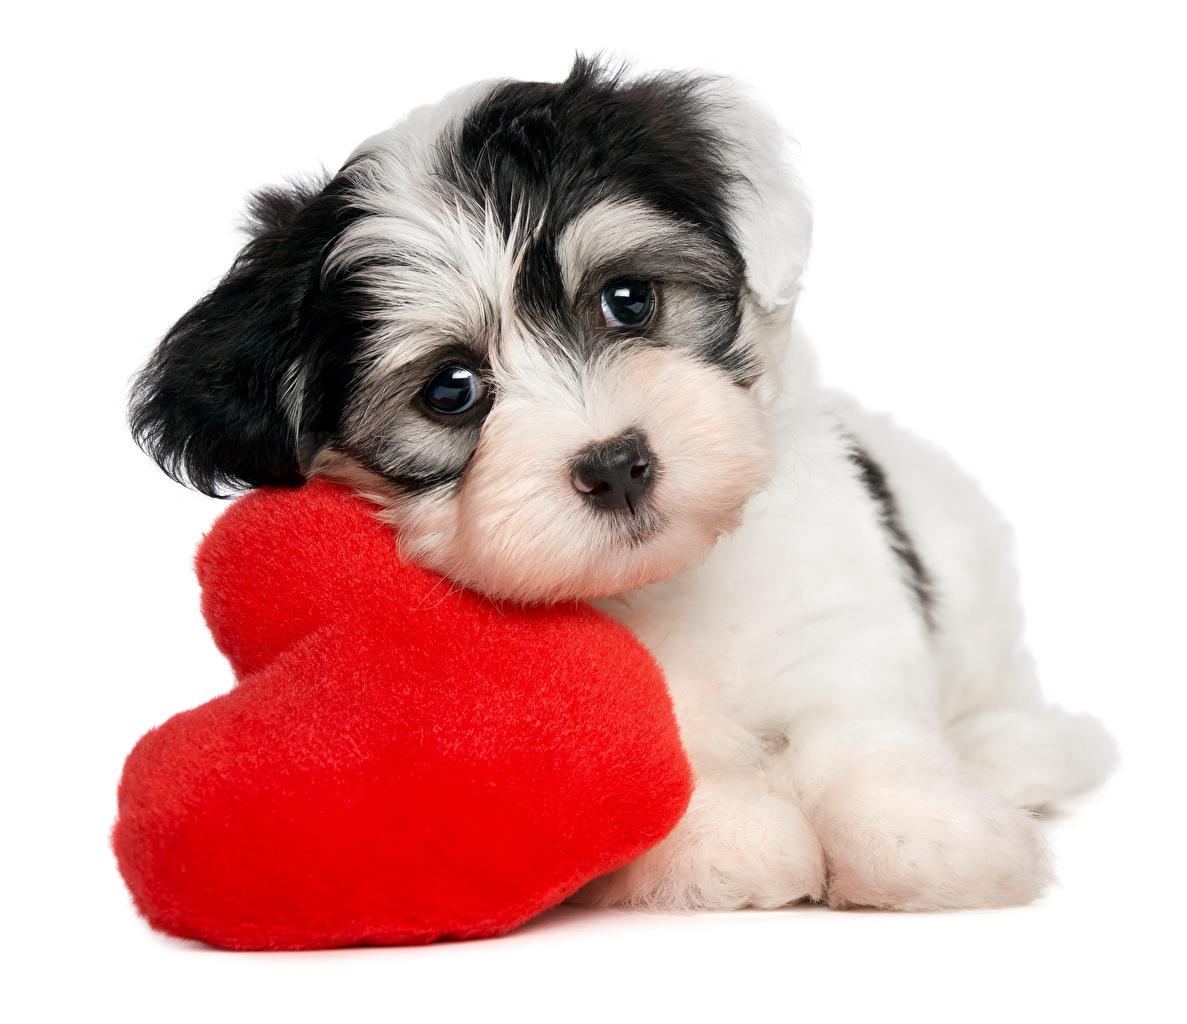 Фотография Щенок День святого Валентина собака сердца смотрит Животные Белый фон щенка щенки щенков День всех влюблённых Собаки серце Сердце сердечко Взгляд смотрят животное белом фоне белым фоном